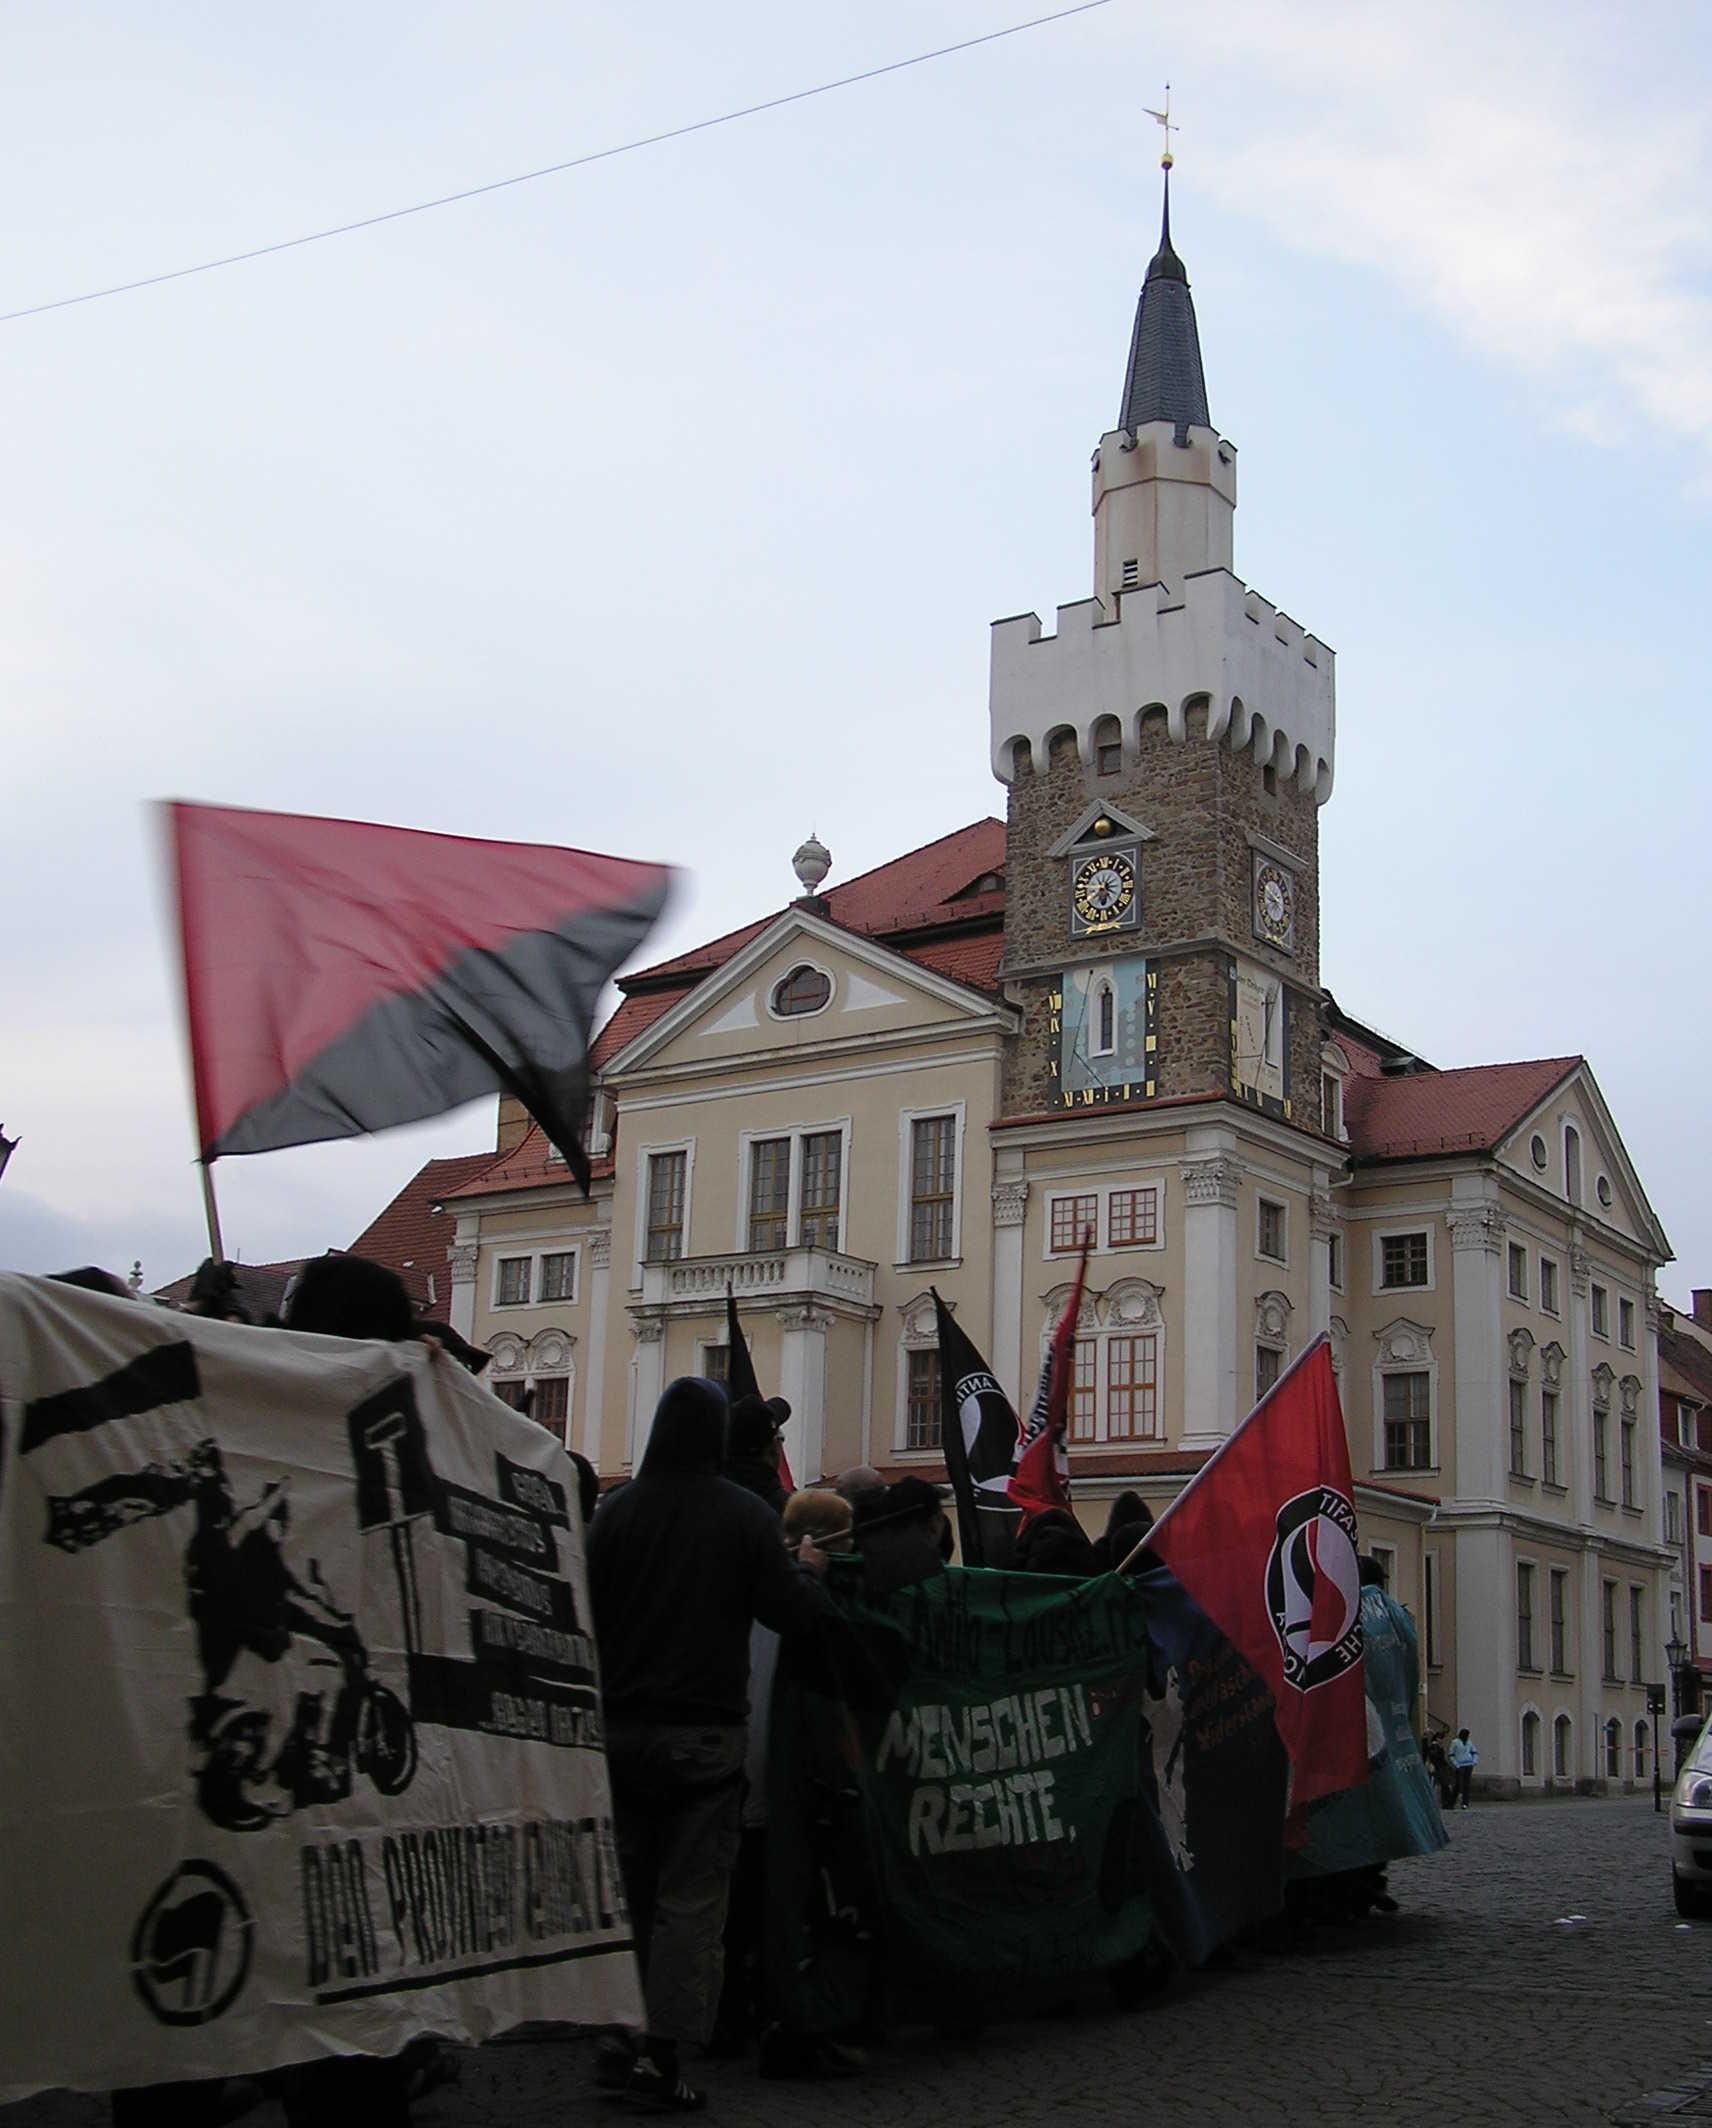 Antifa Block Altstadt